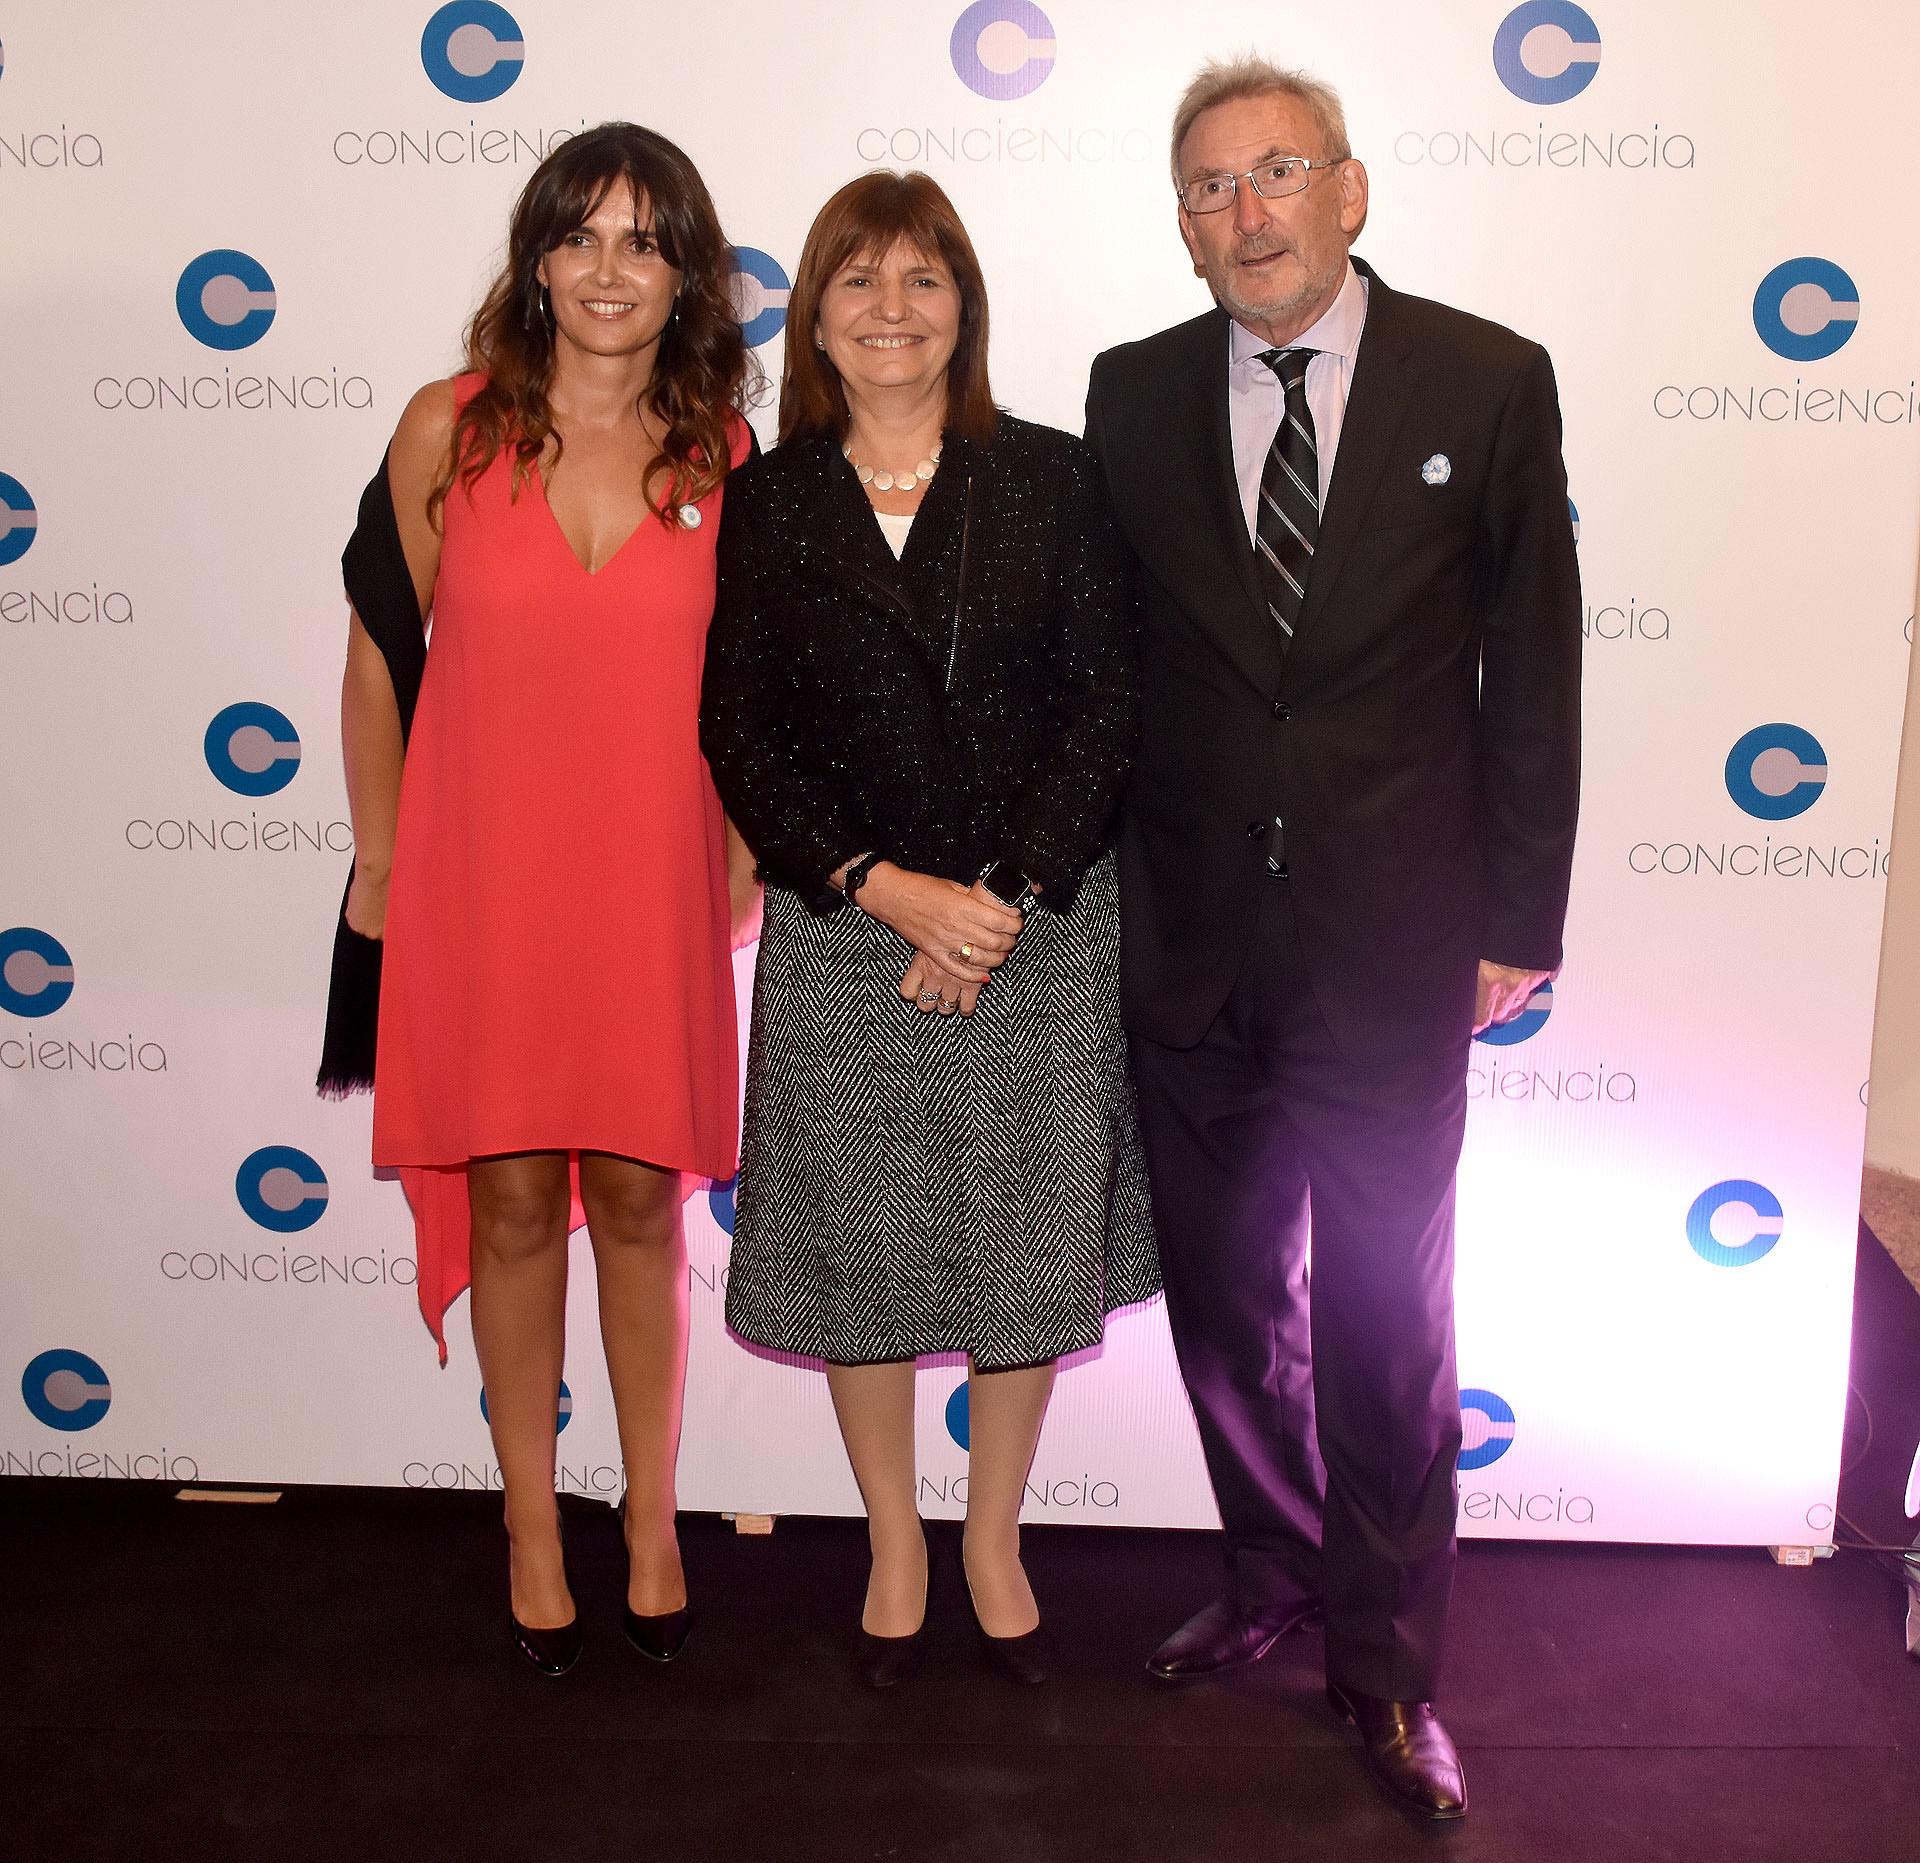 Beby Lacroze junto a la ministra de Seguridad, Patricia Bullrich, y su marido Guillermo Yanco, vicepresidente del Museo del Holocausto y miembro de la Comisión Directiva del Club Político